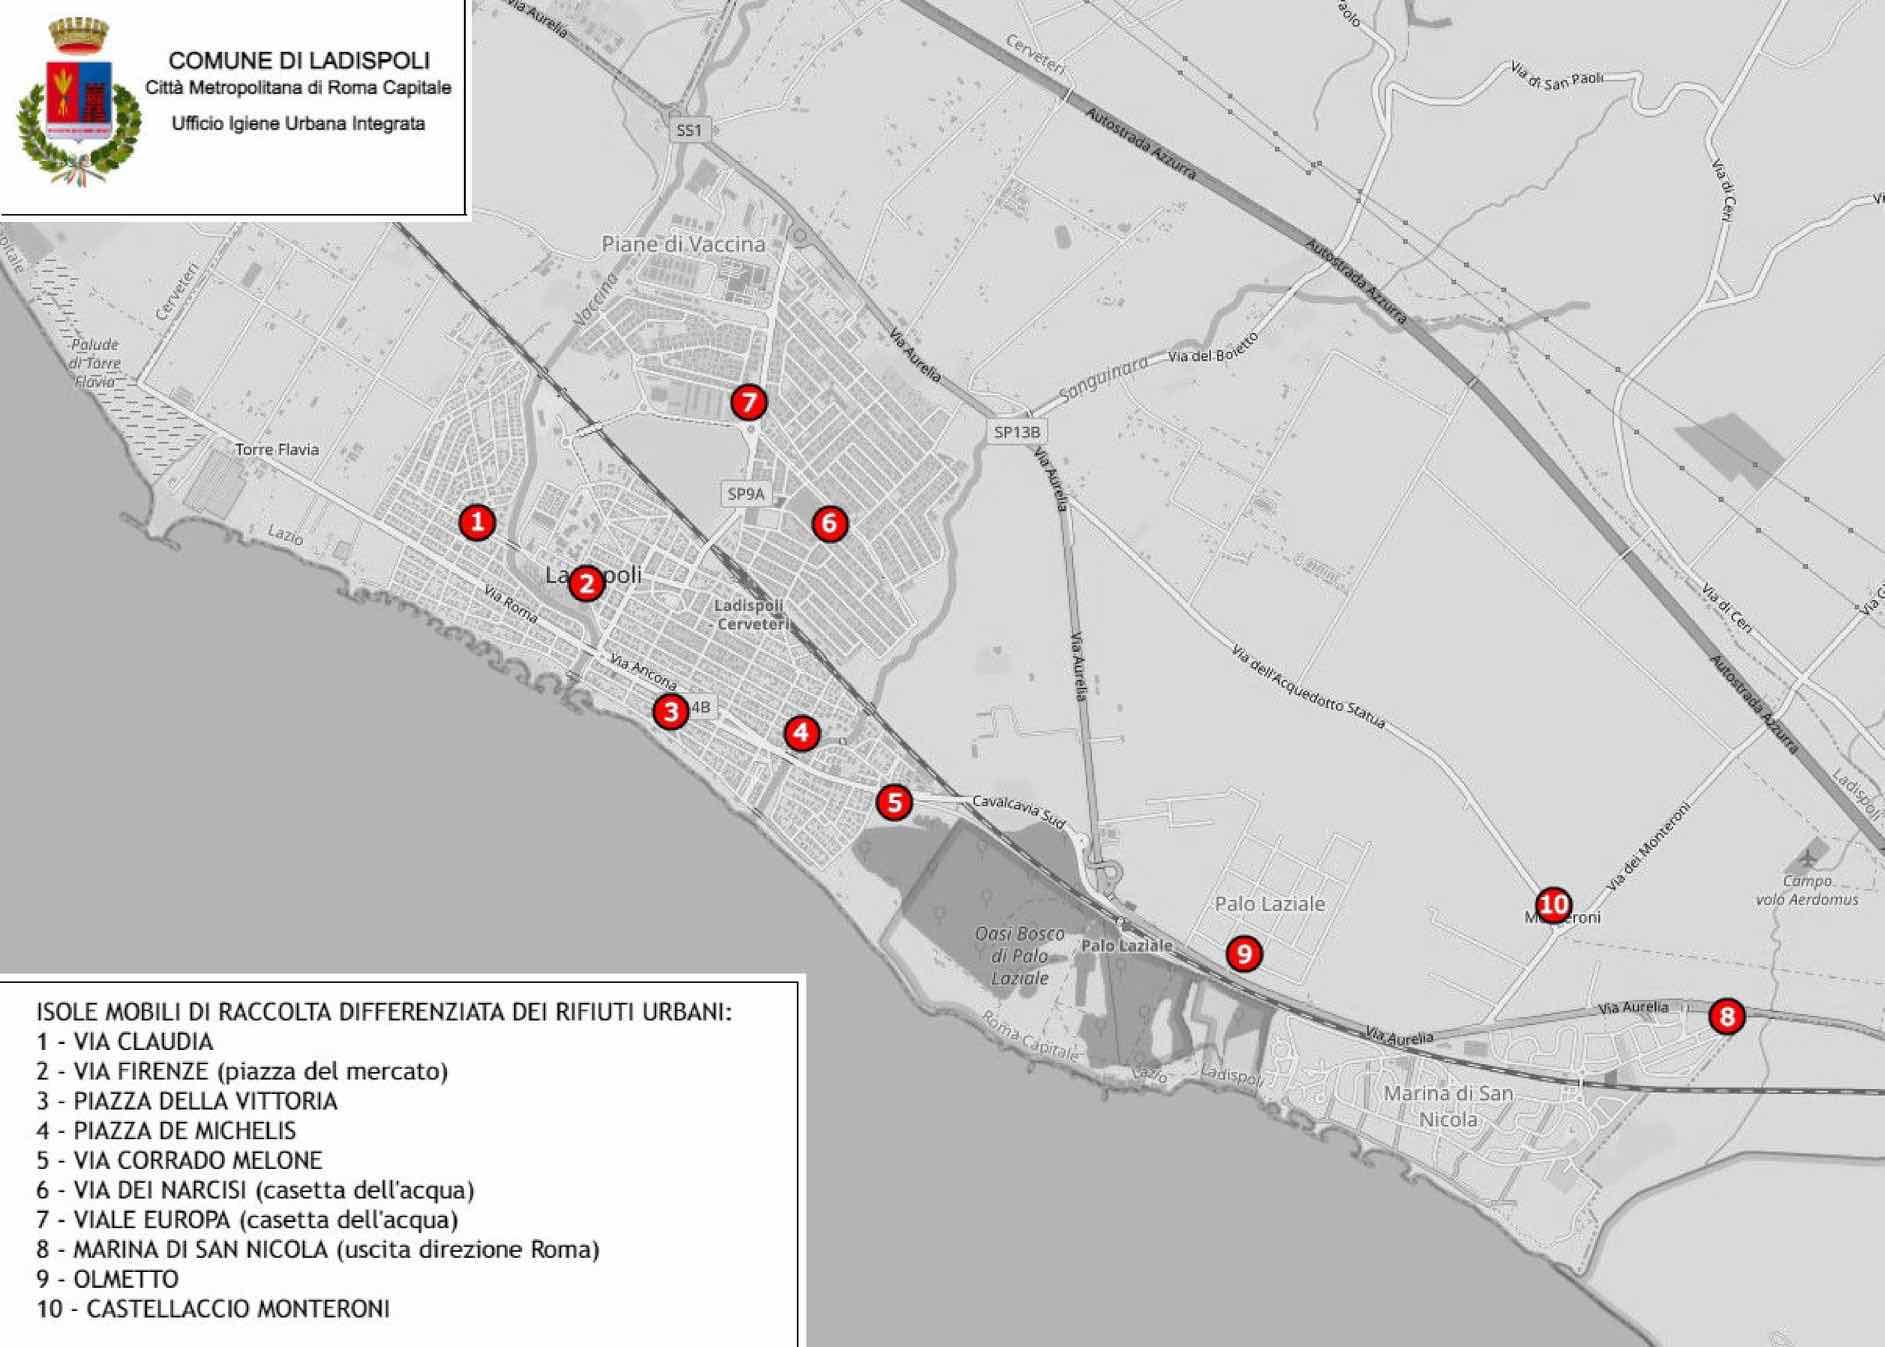 Ladispoli: isole ecologiche mobili, gli orari in vigore da ottobre 1